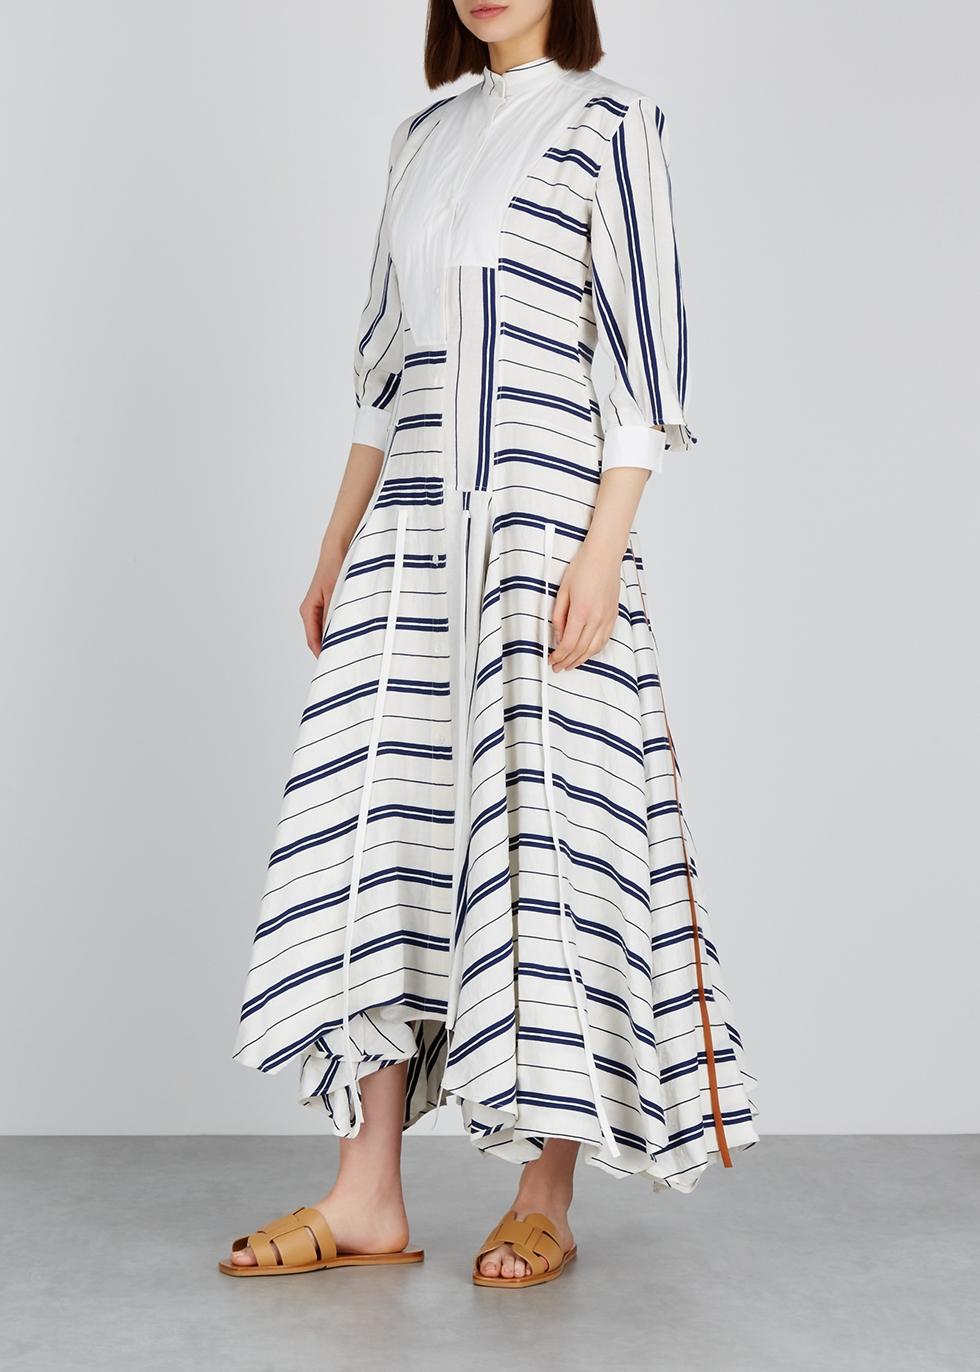 Striped linen-blend shirt dress - Loewe